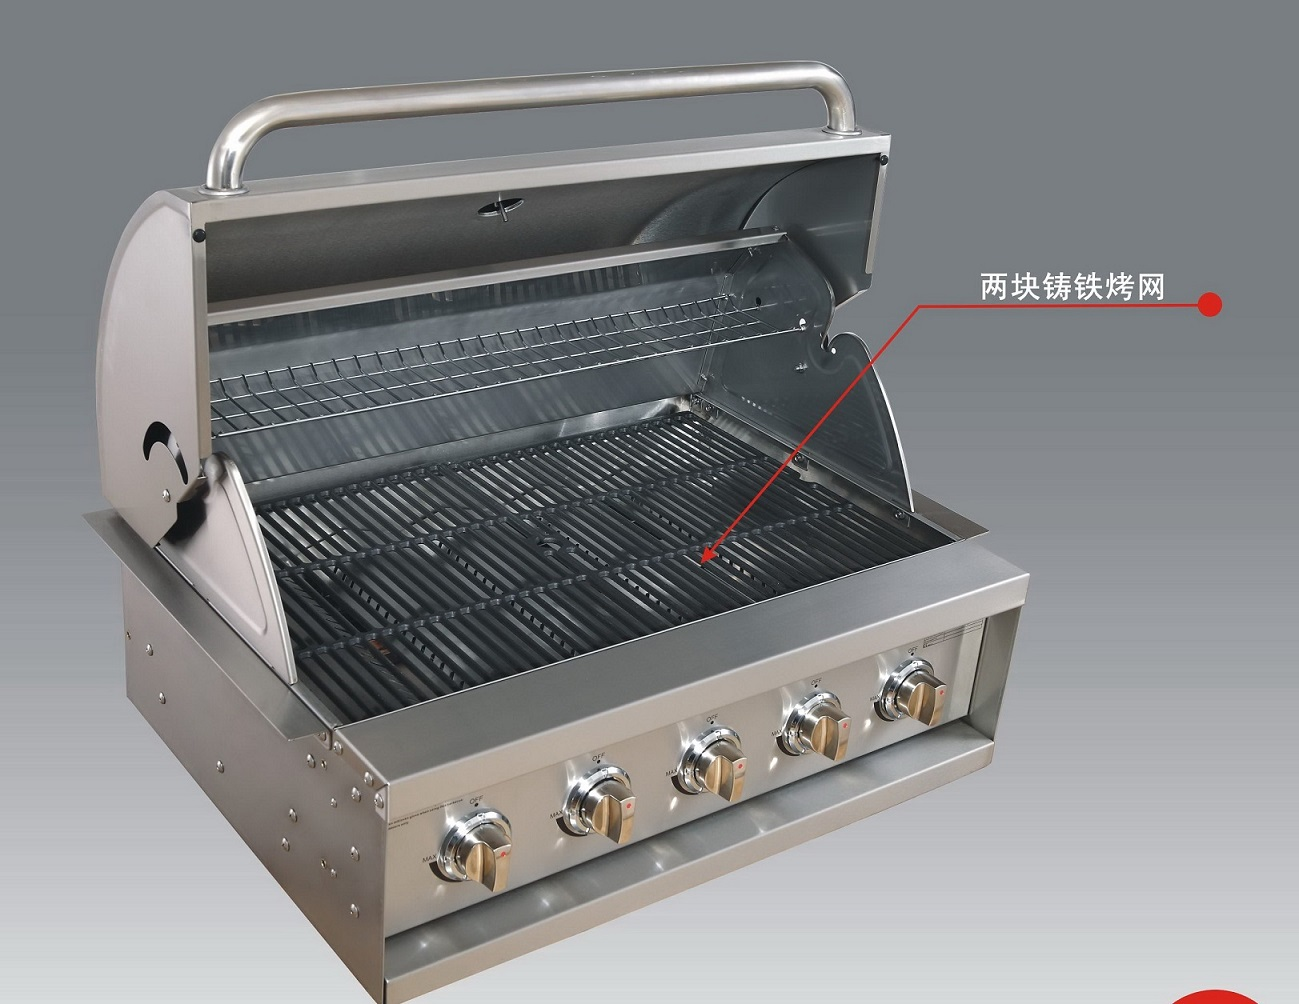 Miecns 美诺仕A315S BM 304不锈钢嵌入式别墅烧烤炉 内嵌式燃气烧烤炉 现货